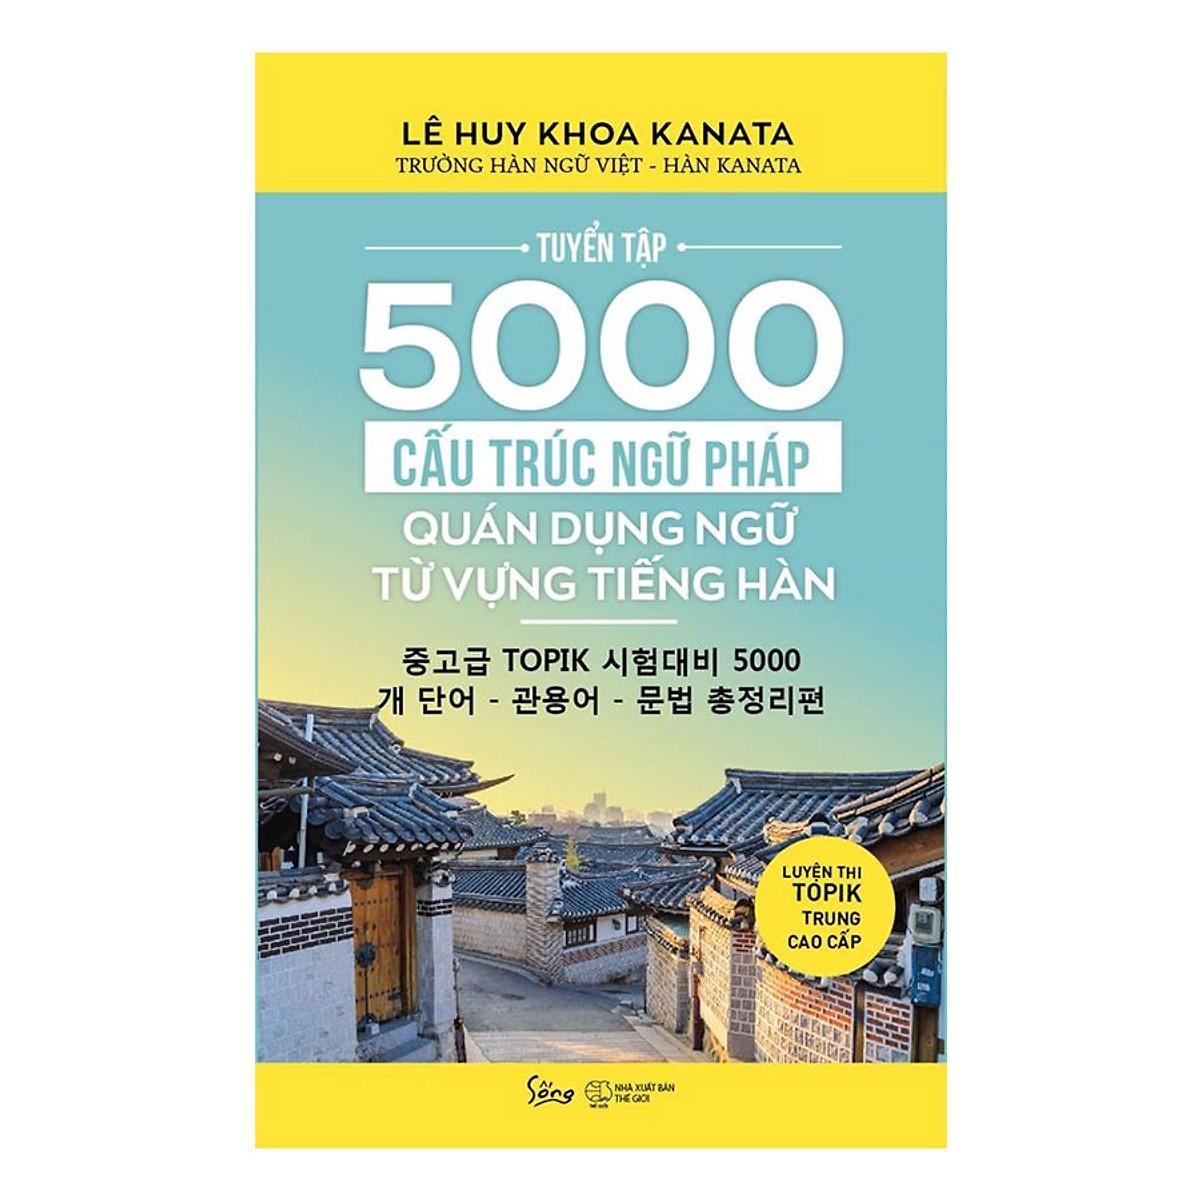 Giá Cực Tốt Khi Mua Sách - Tuyển Tập 5000 Cấu Trúc Ngữ Pháp